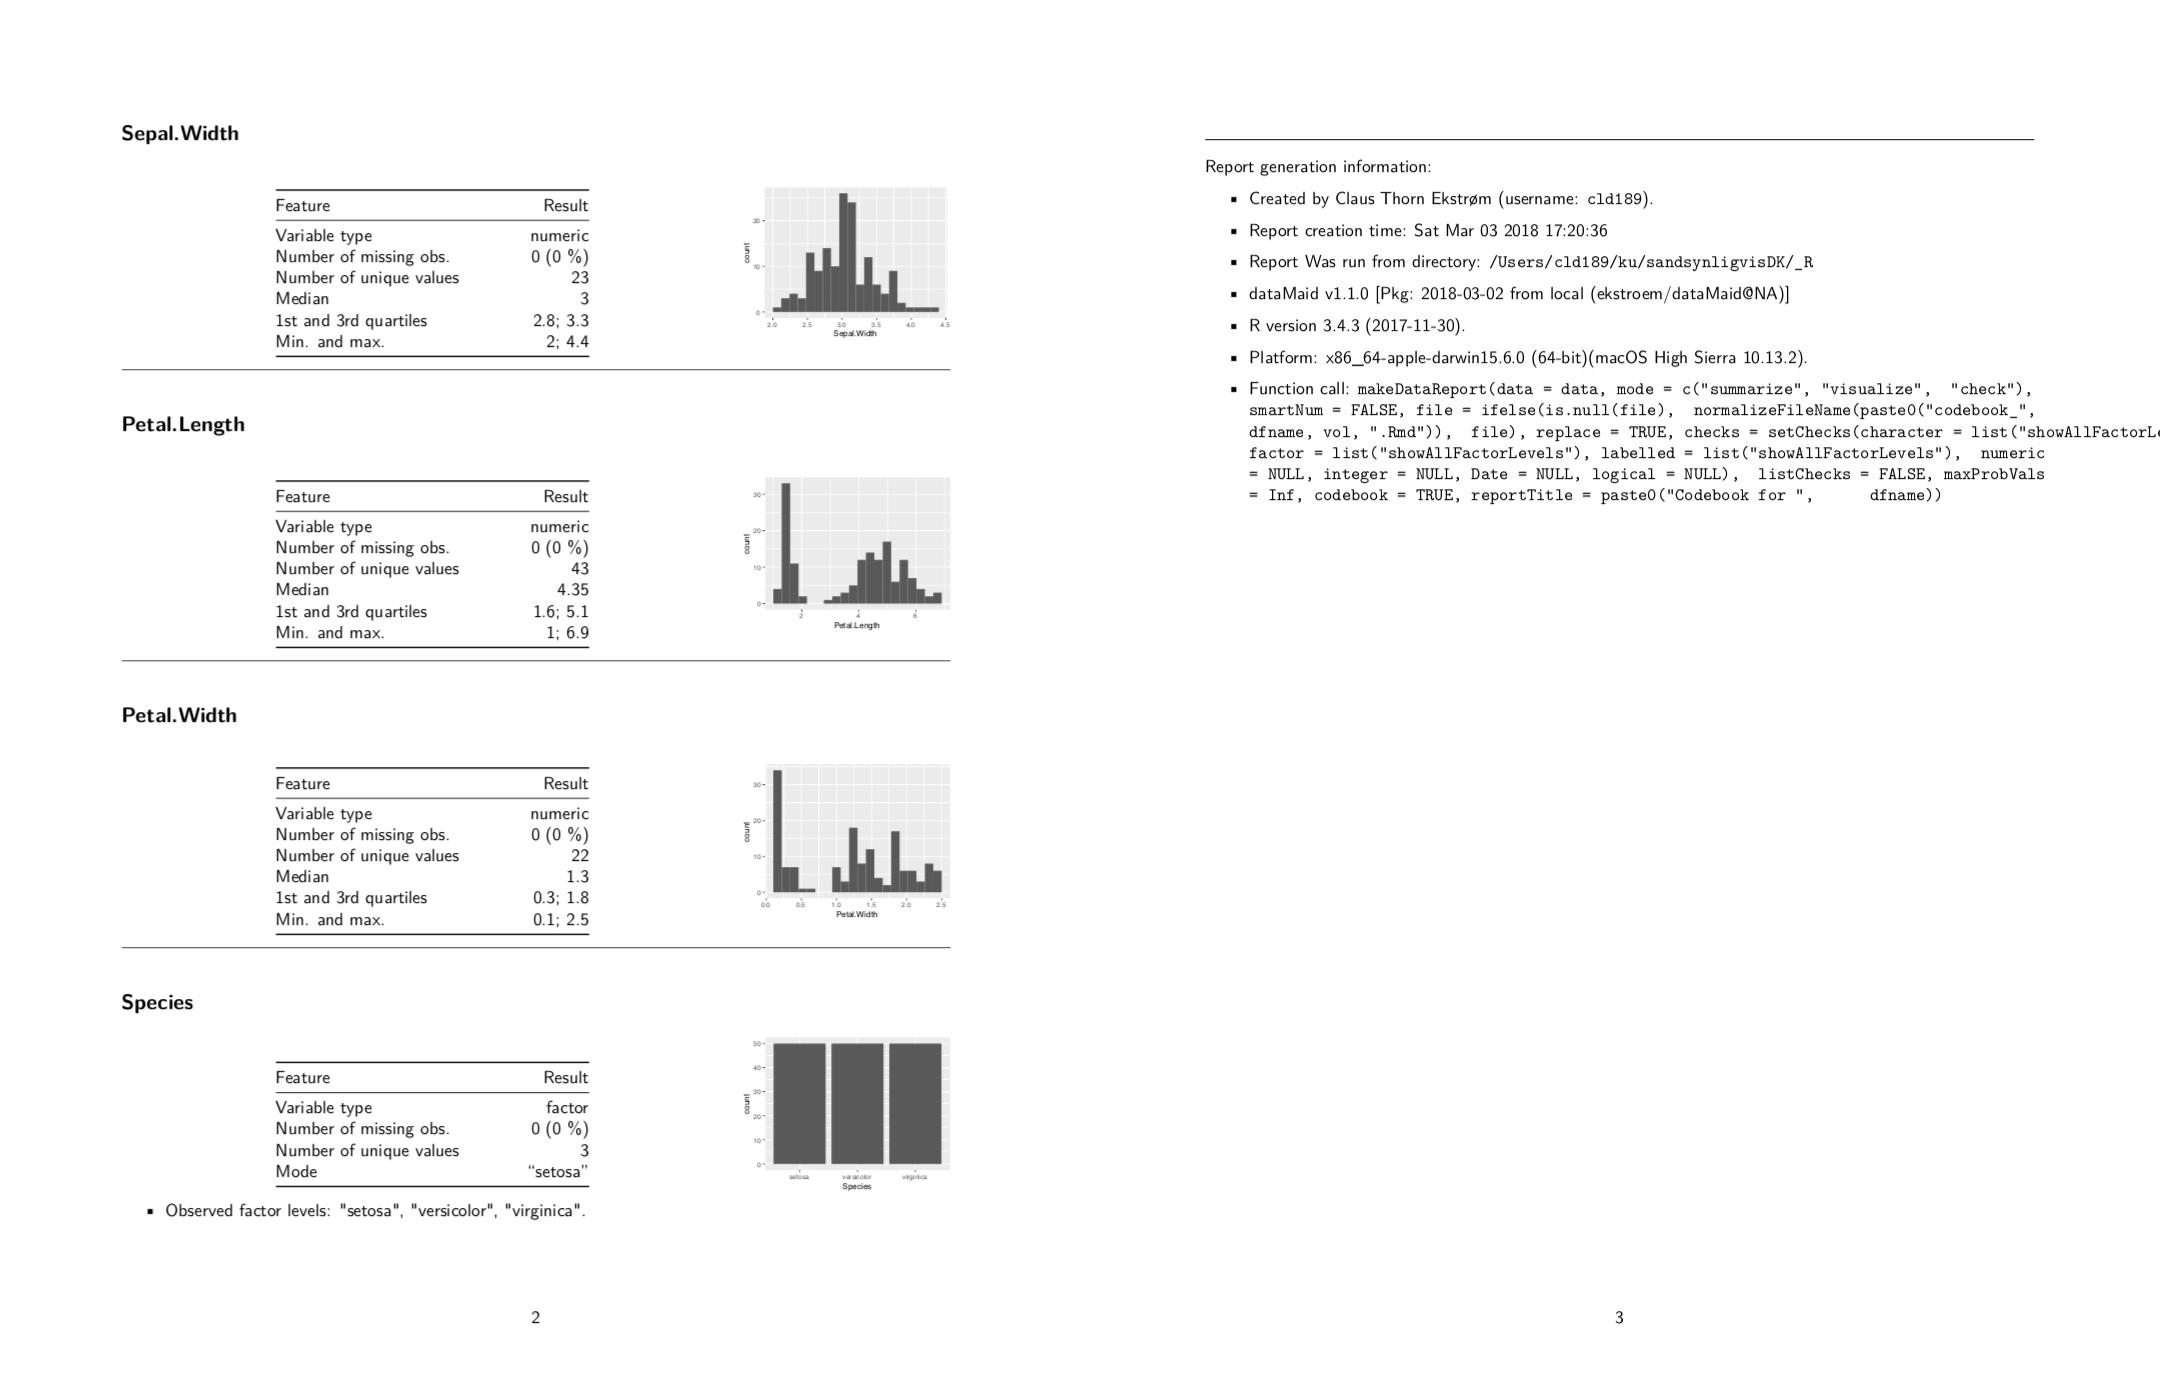 sandsynligvis dk - Generating codebooks in R